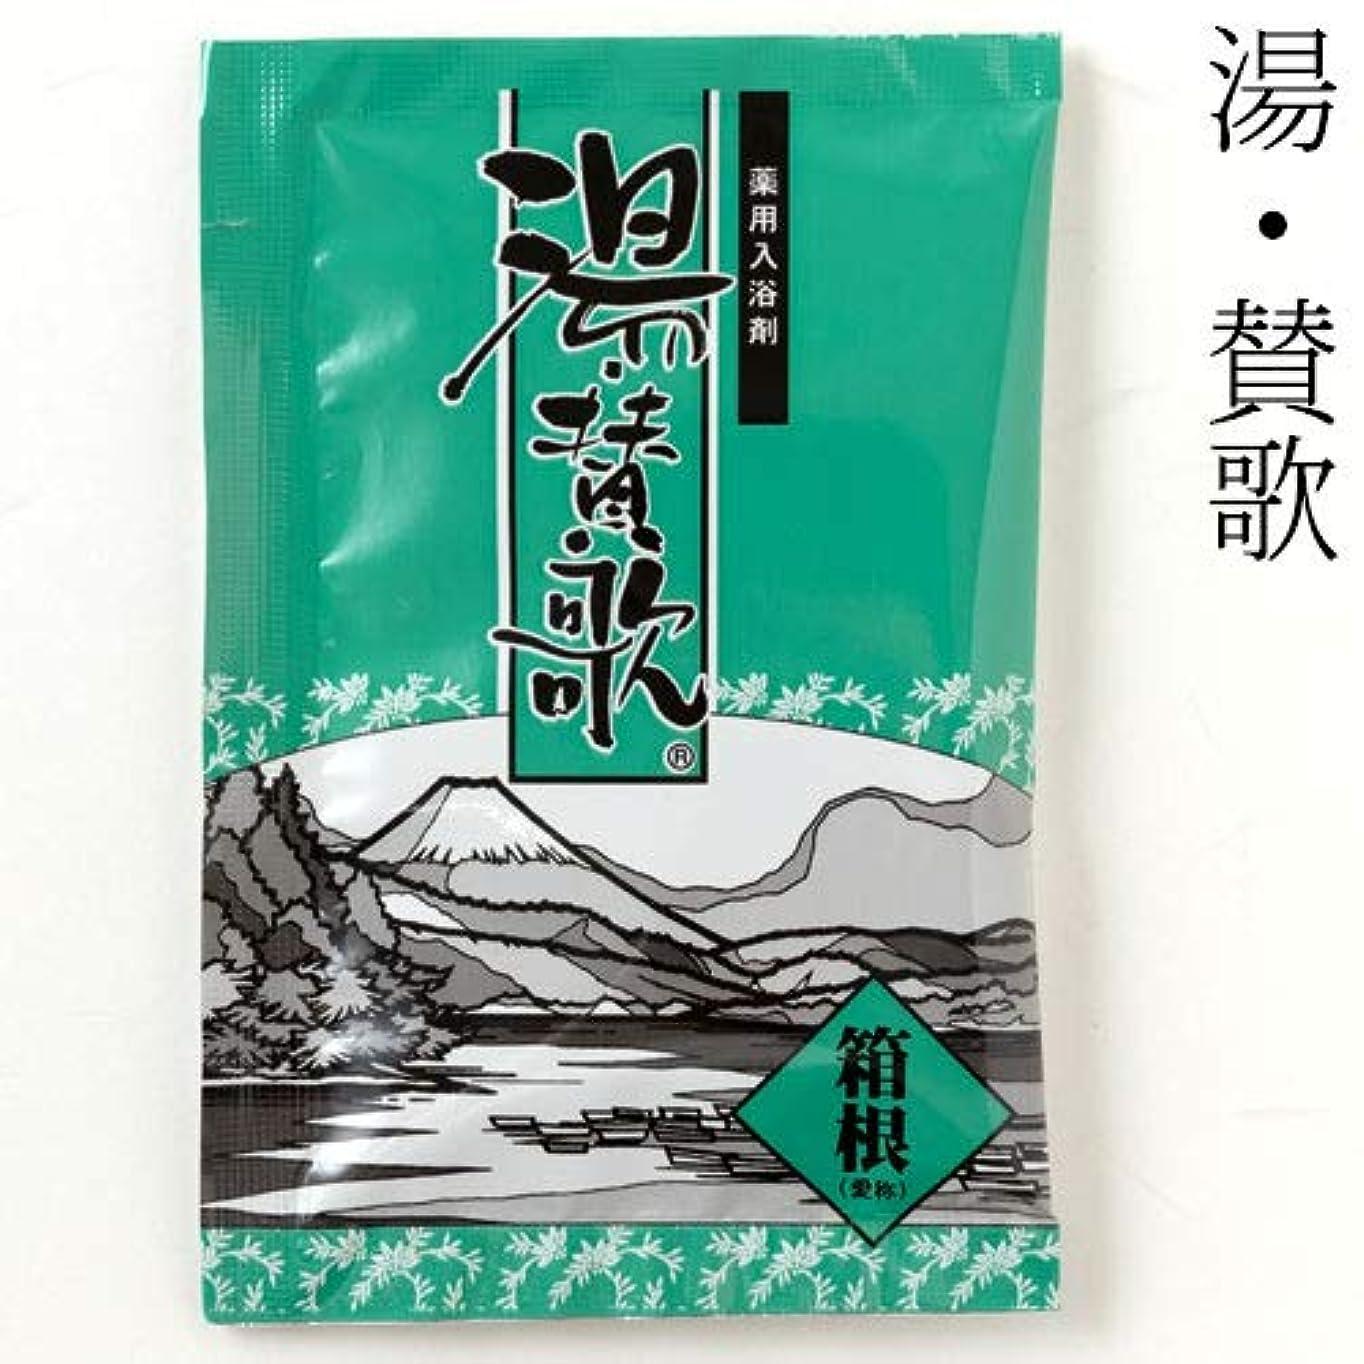 ティッシュカトリック教徒建物入浴剤湯?賛歌箱根1包石川県のお風呂グッズBath additive, Ishikawa craft